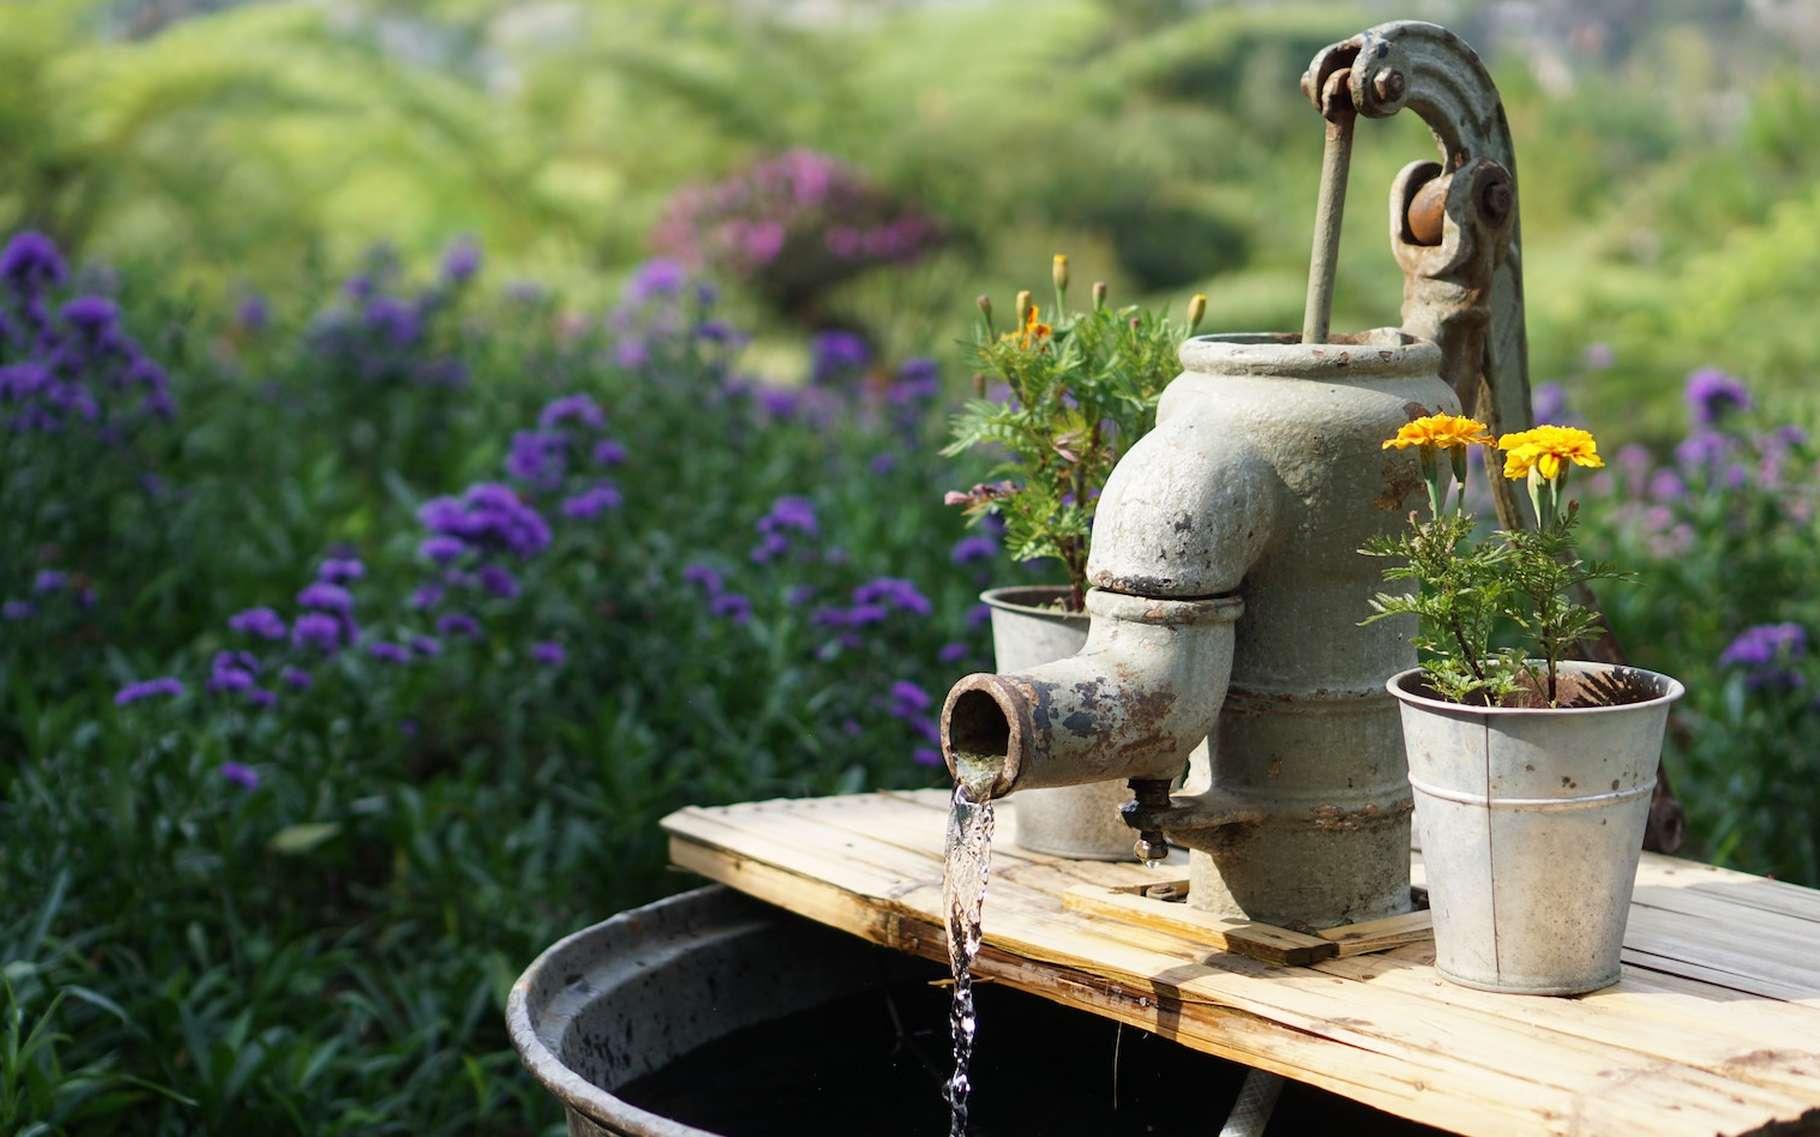 Dans les régions où l'eau est très dure, il est recommandé d'installer un adoucisseur d'eau. © Fikri Rasyid, Unsplash